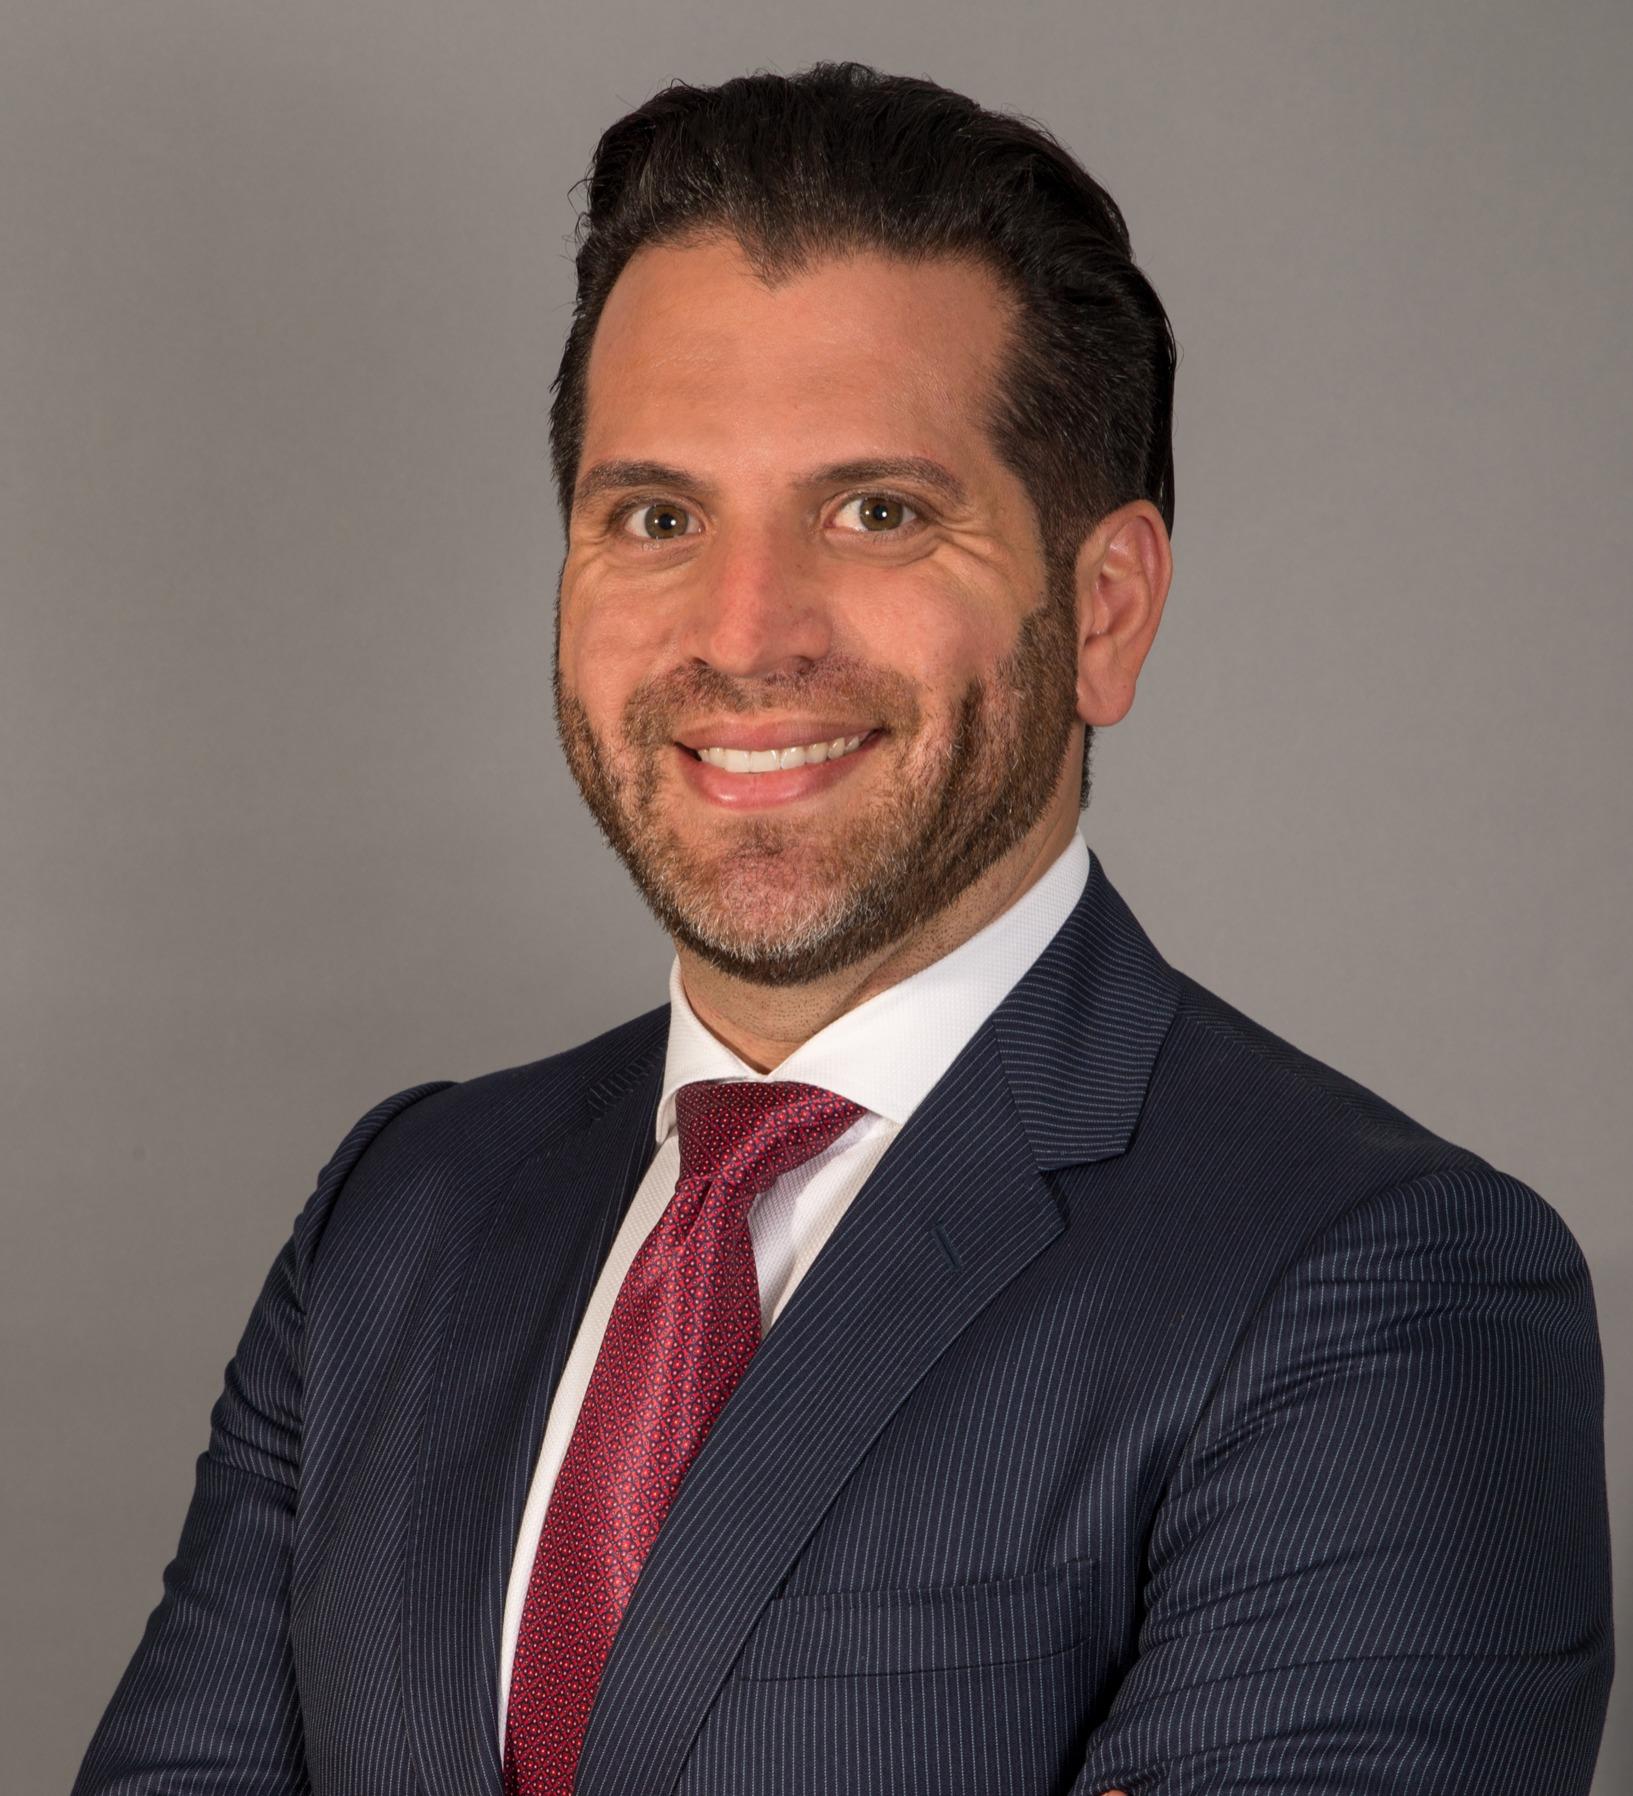 Michael Dallo